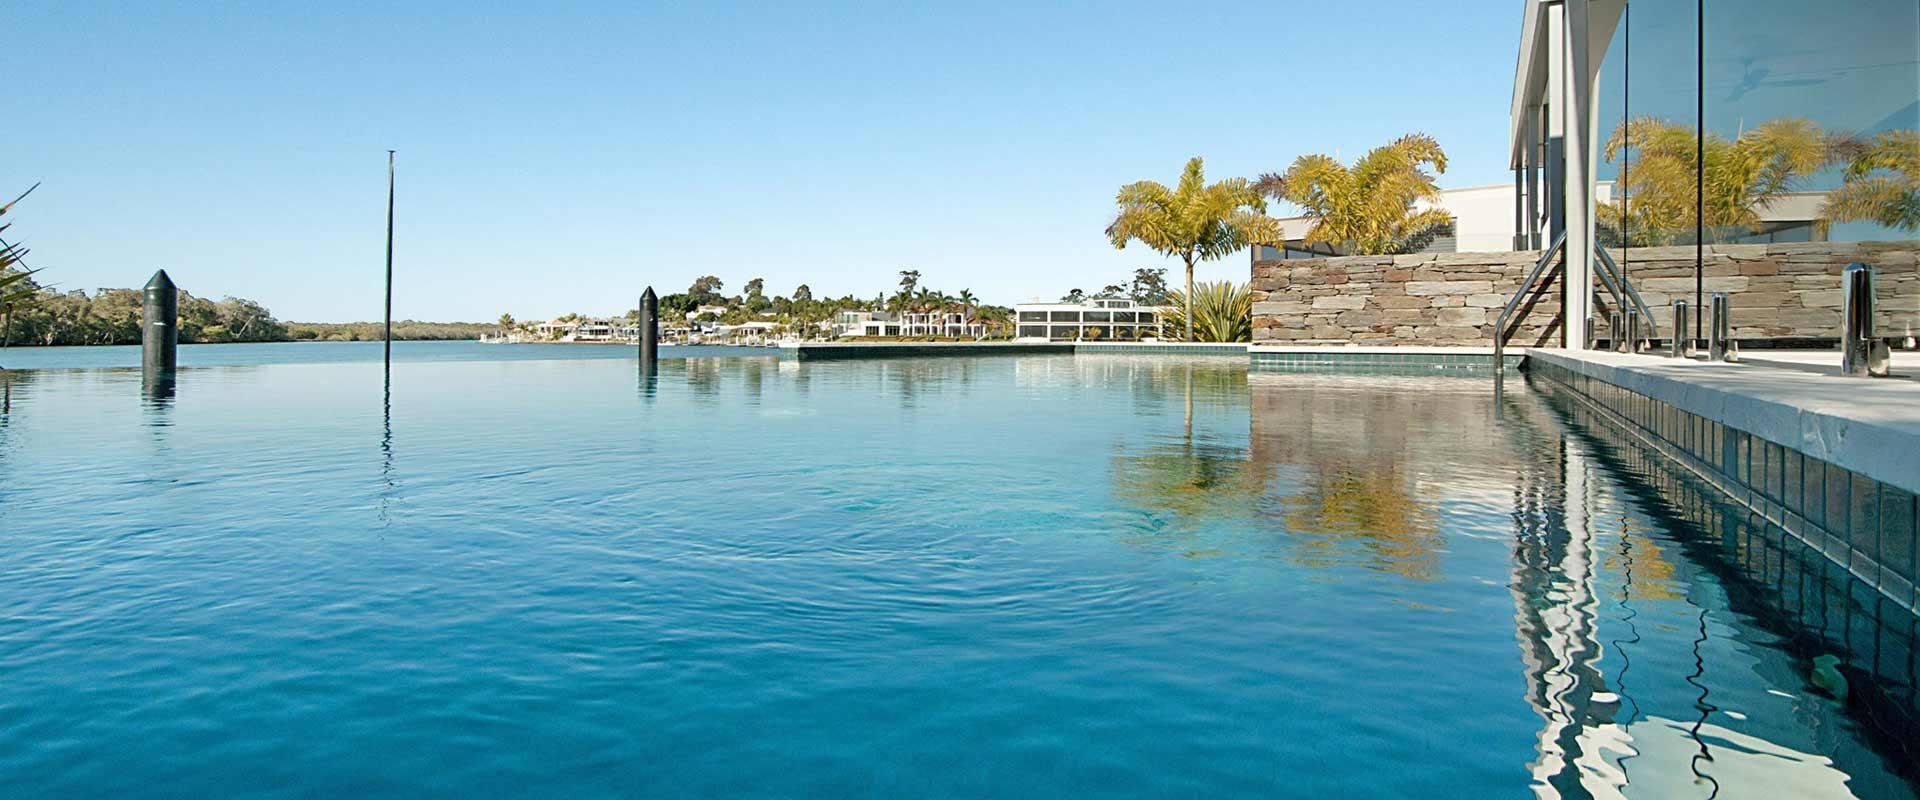 Infinity pool overlooking the marina